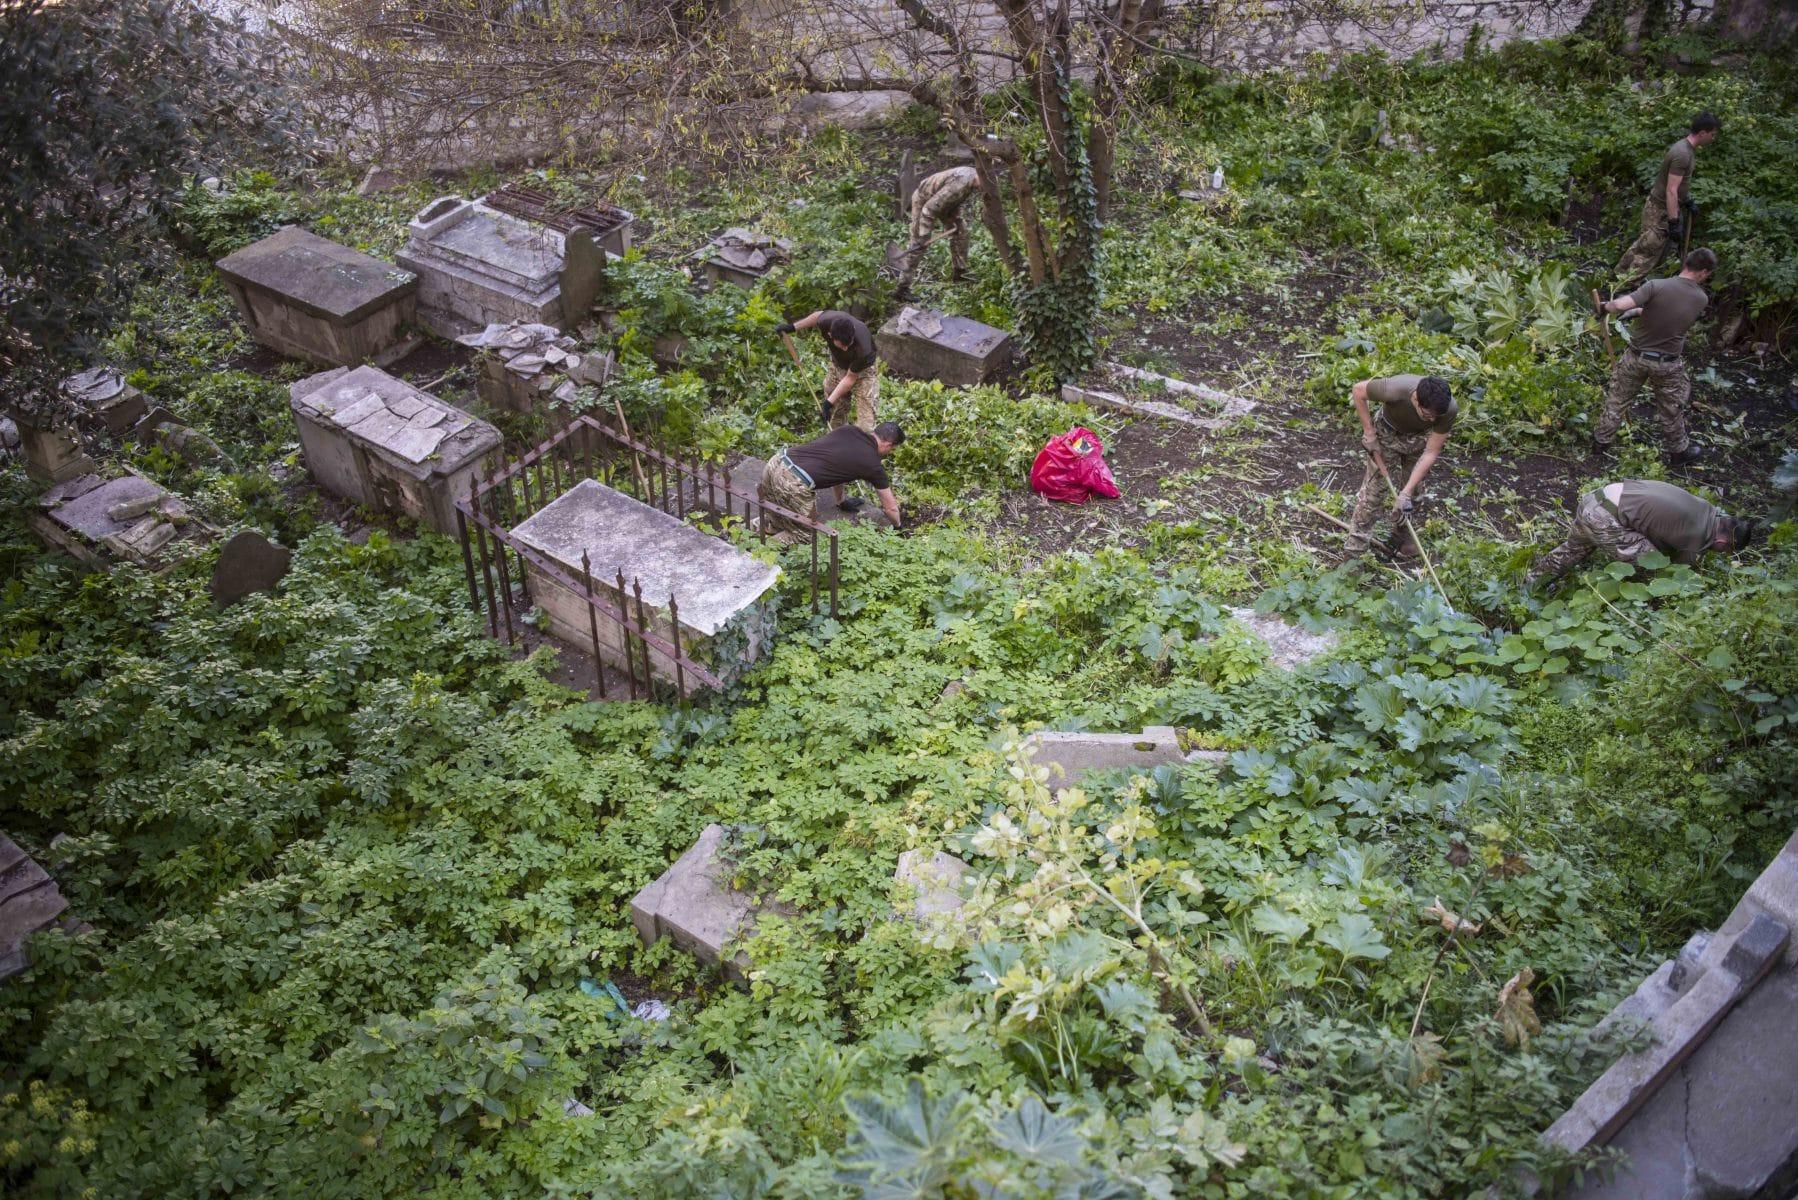 restauracin-cementerio-witham-30_25451432676_o